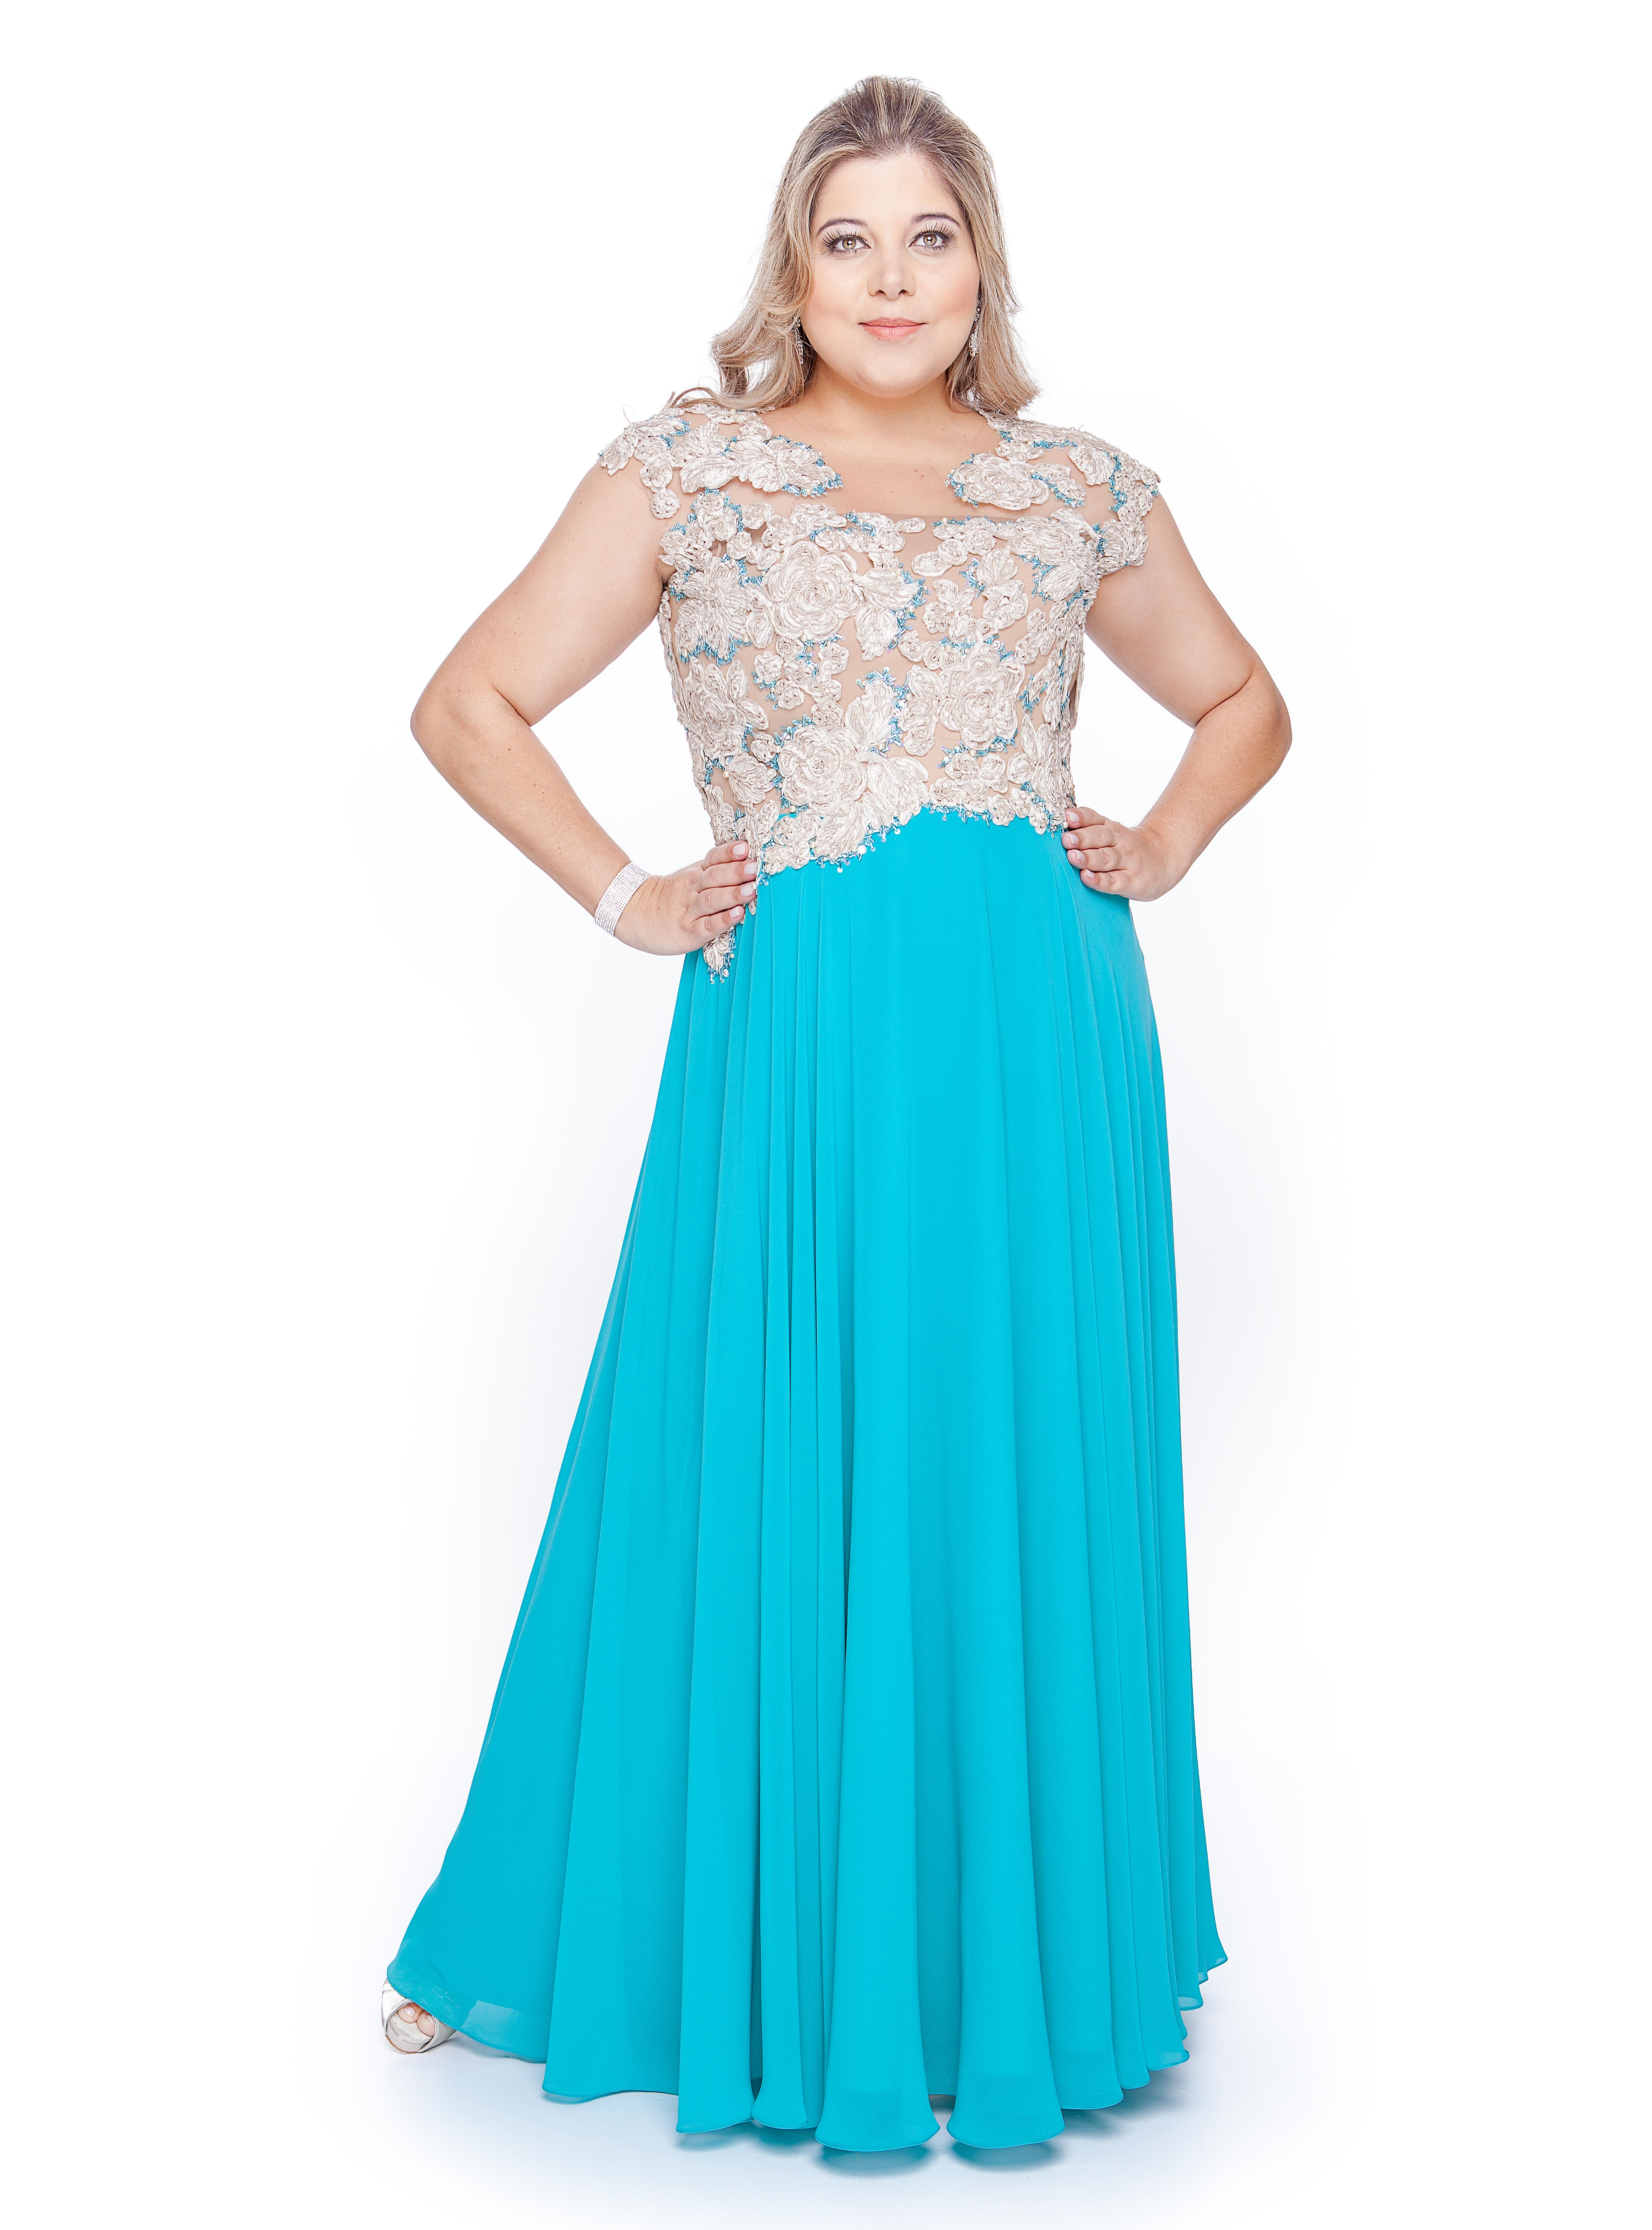 Vestido de festa plus size - Suely Caliman - Blog Mulherão